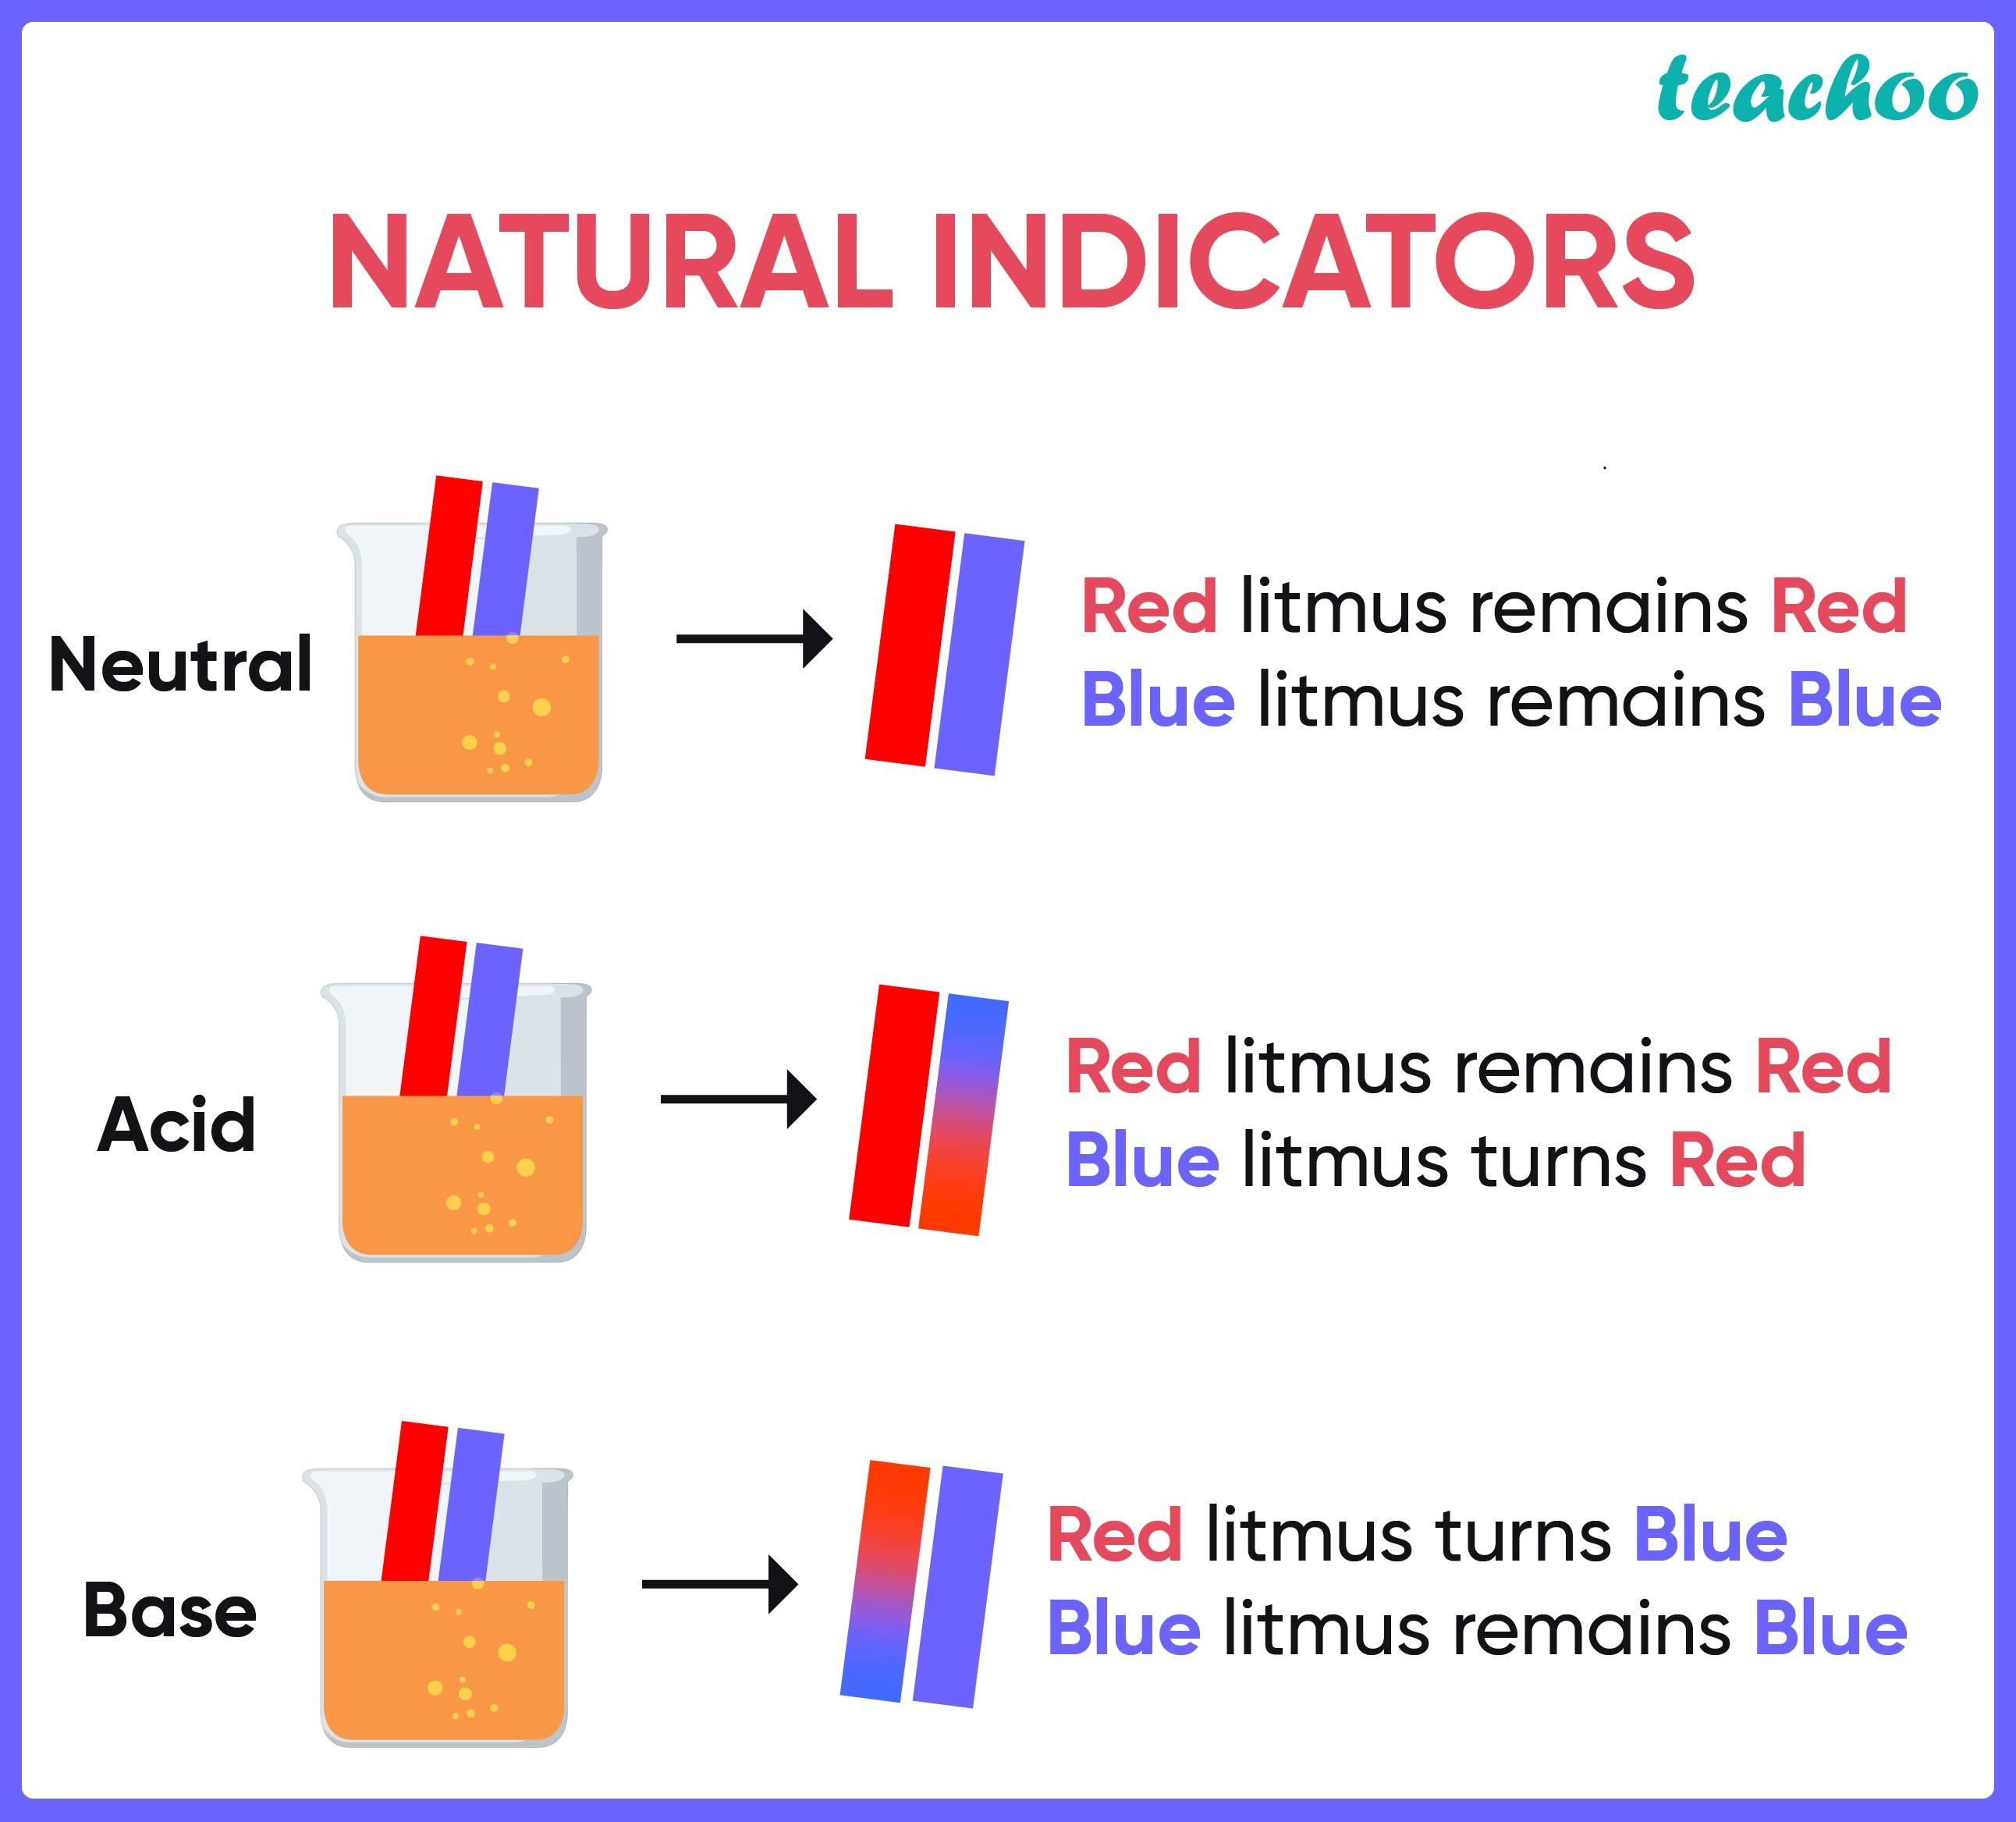 Naturals Indicators-Teachoo.jpg